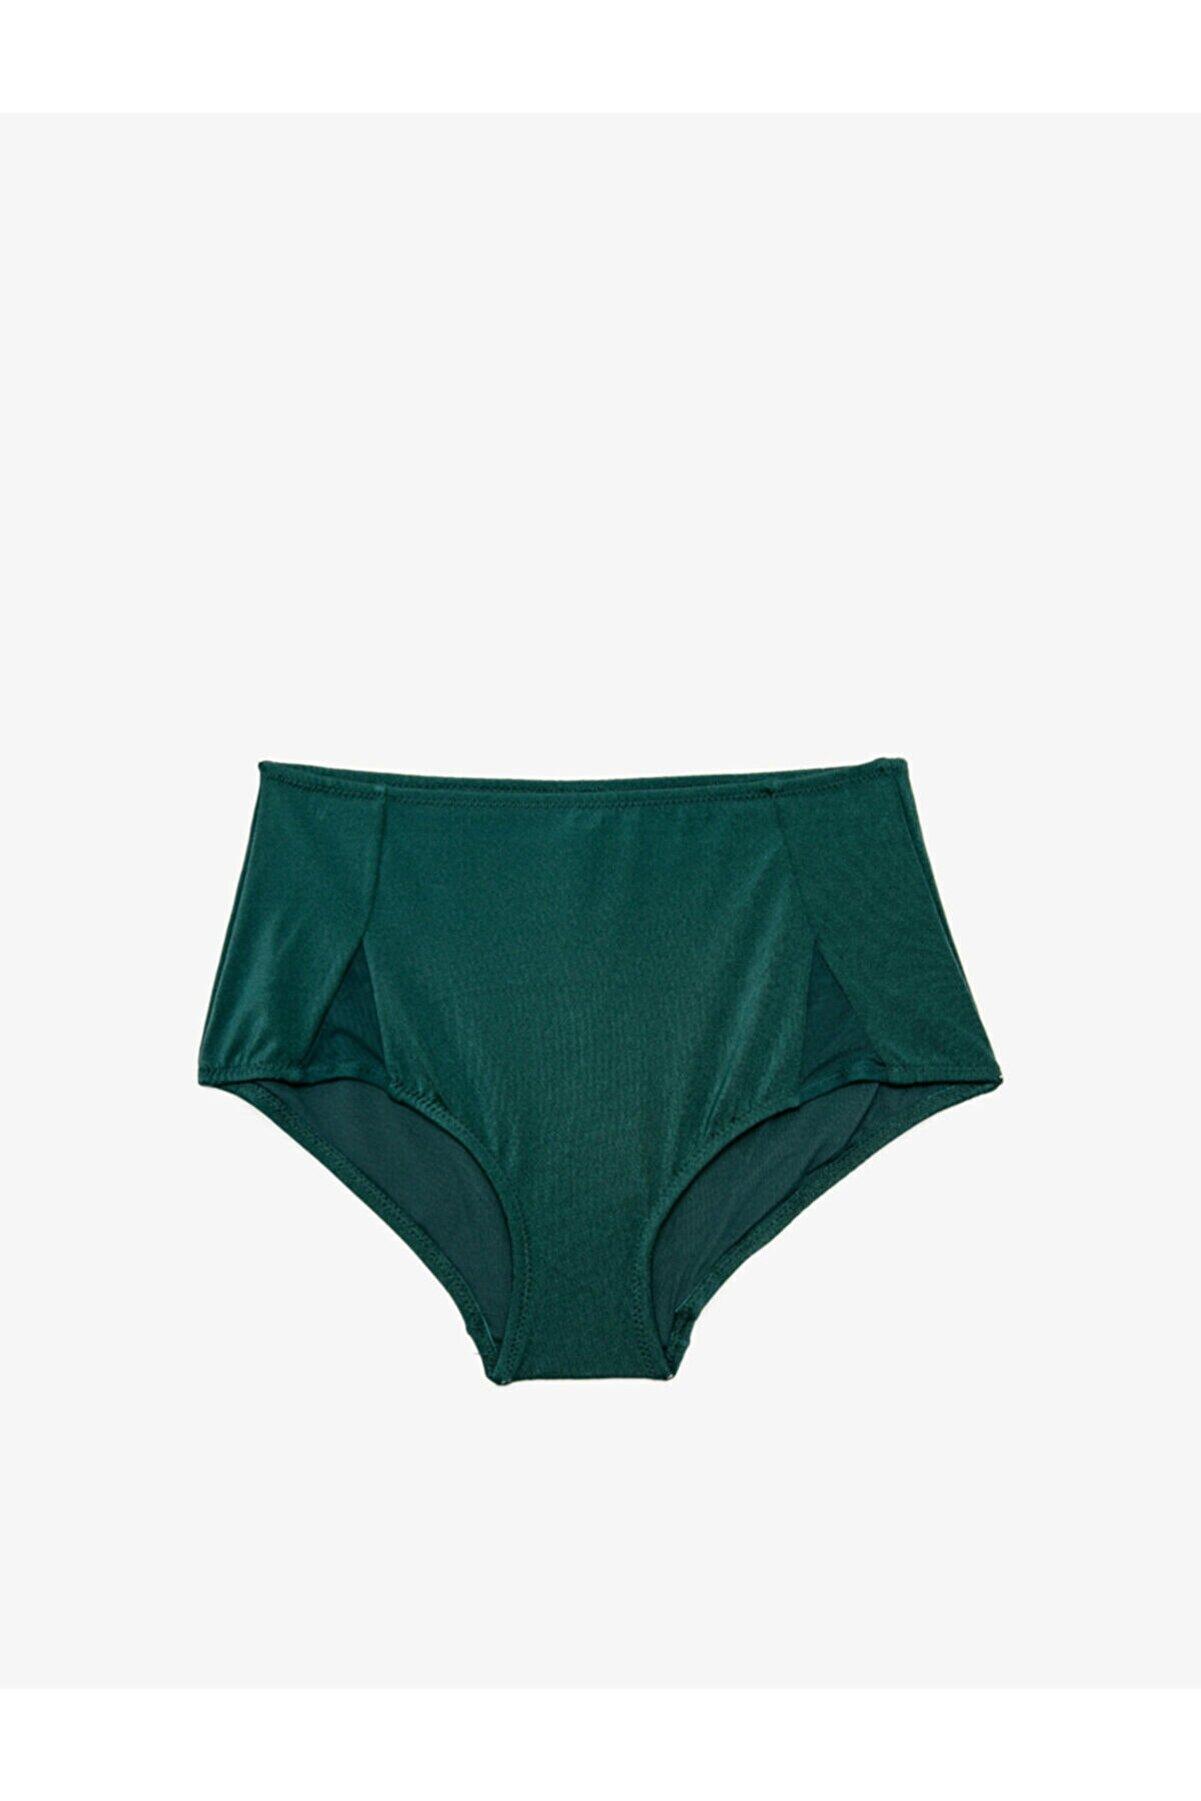 Koton Kadın Koyu Yeşil Bikini Altı